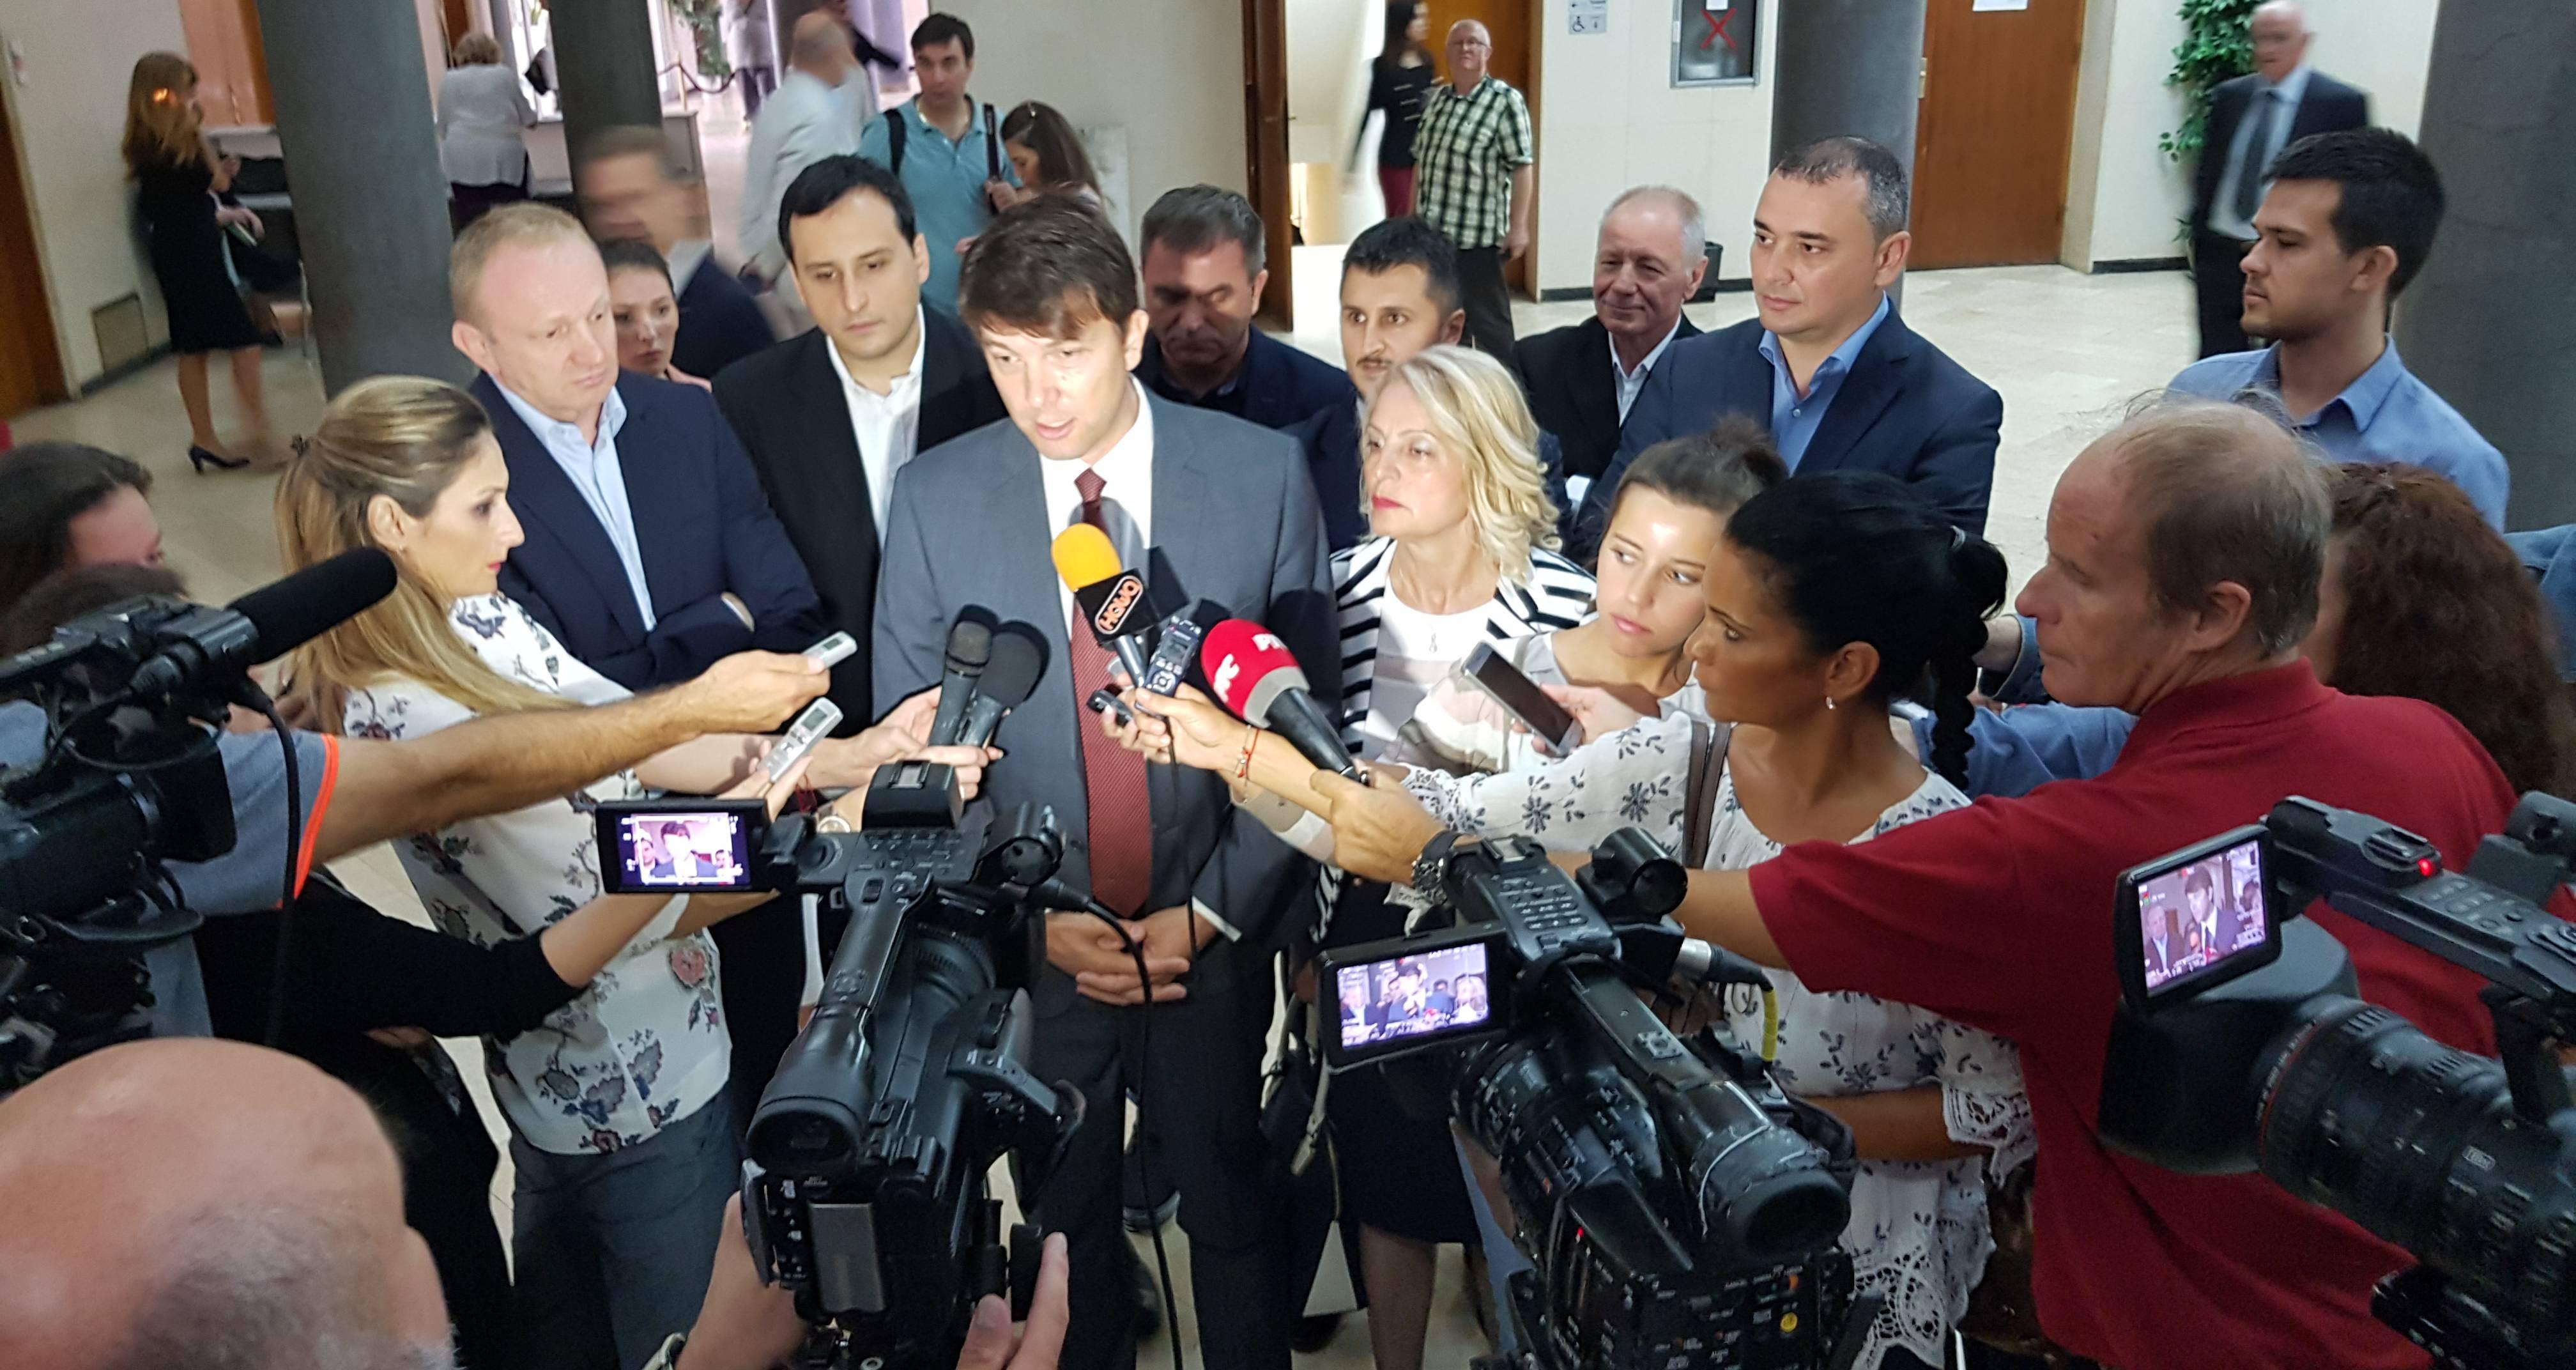 Јовановић: Весић поново слагао Београђане, проблем отпада није решен